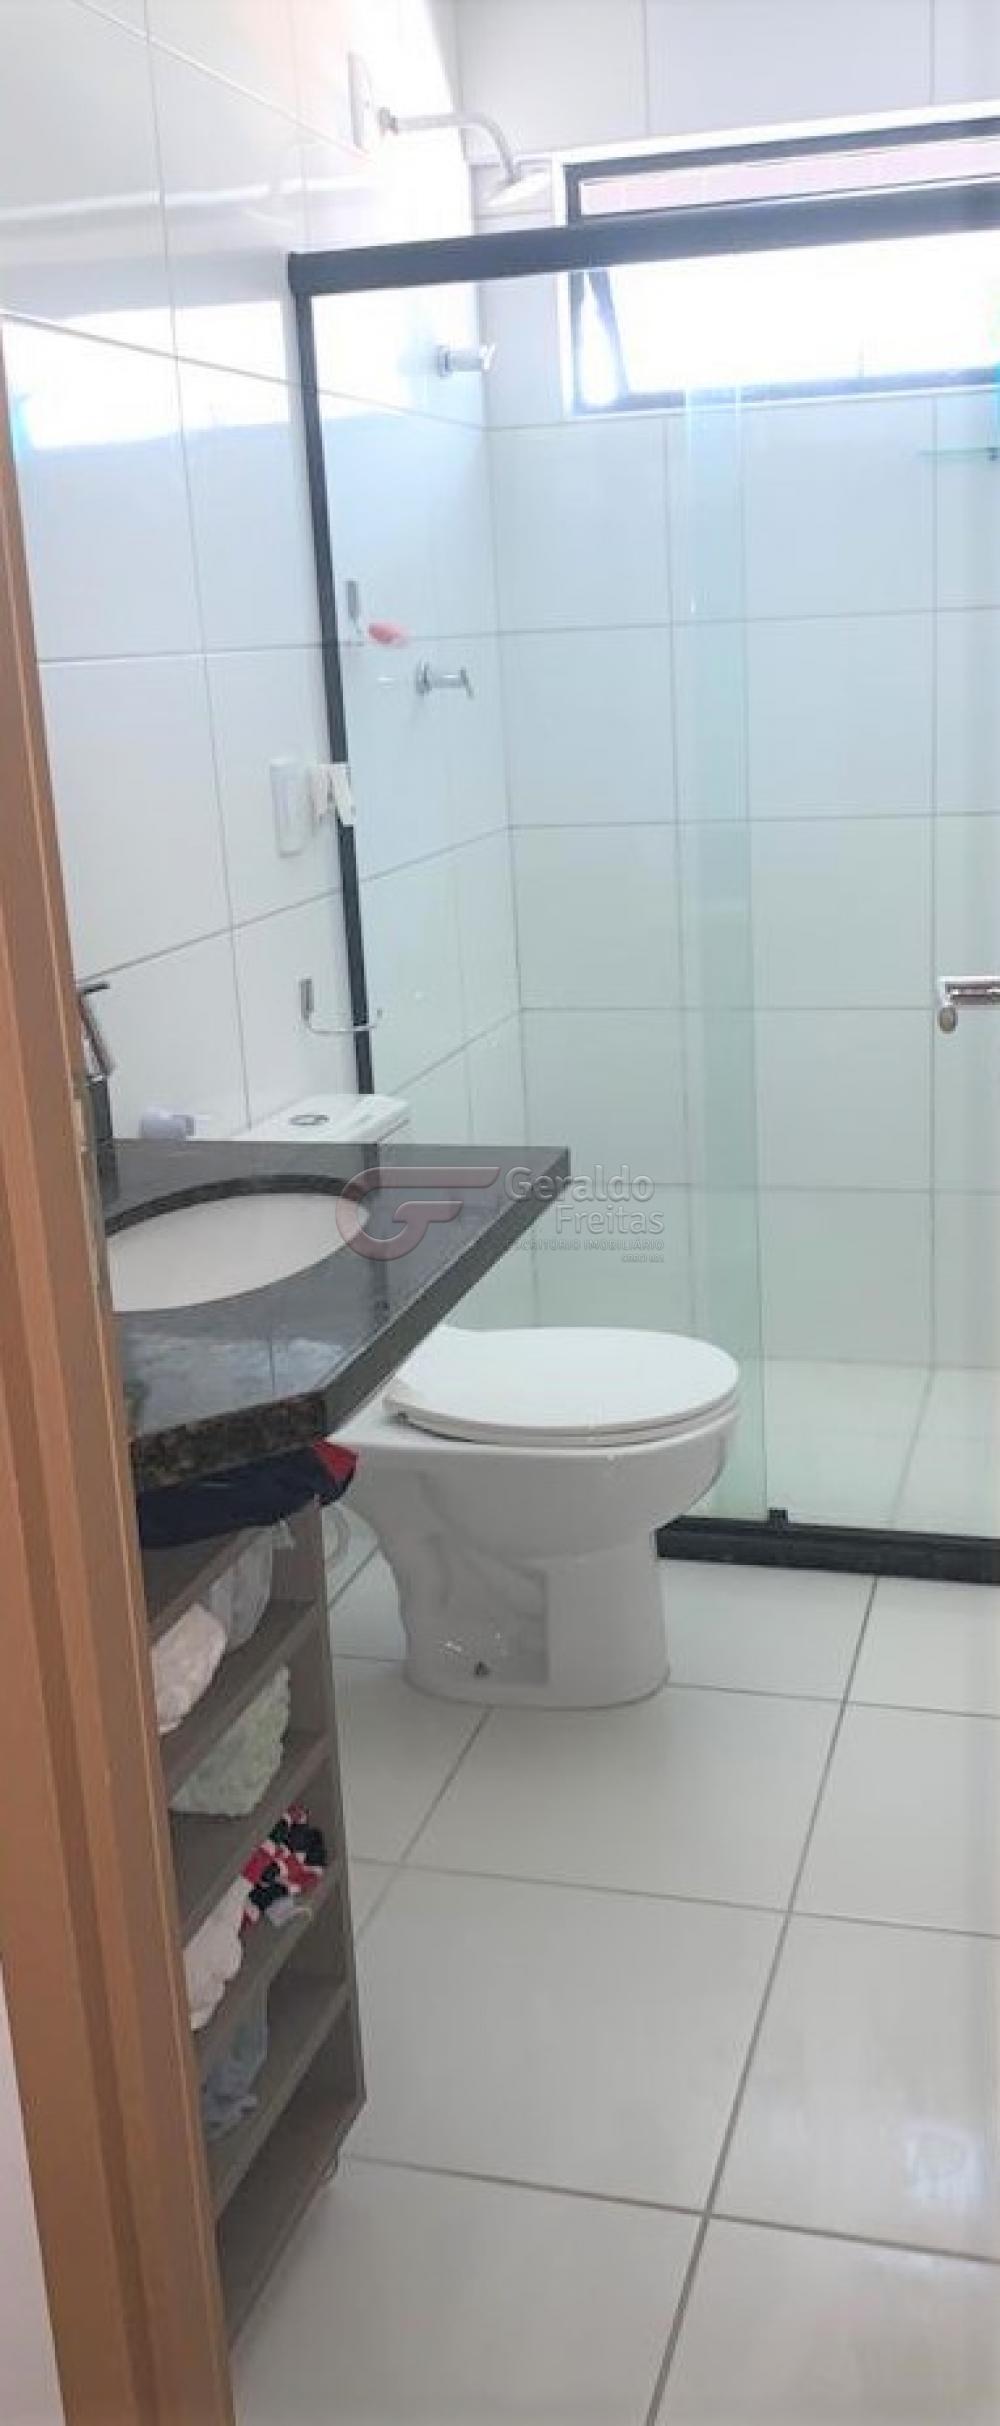 Comprar Apartamentos / Padrão em Maceió R$ 760.000,00 - Foto 6